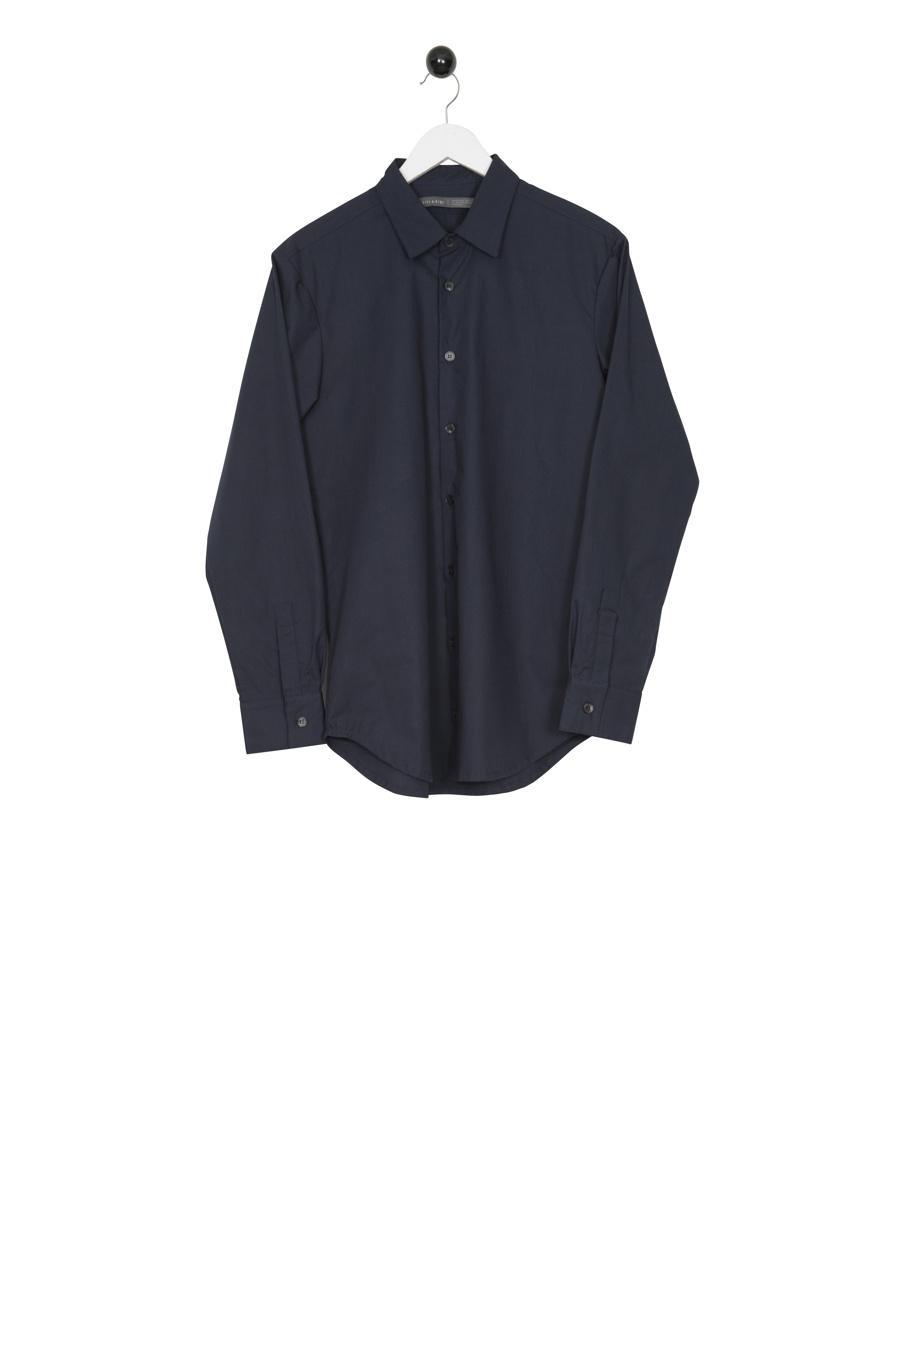 Return Duva Shirt